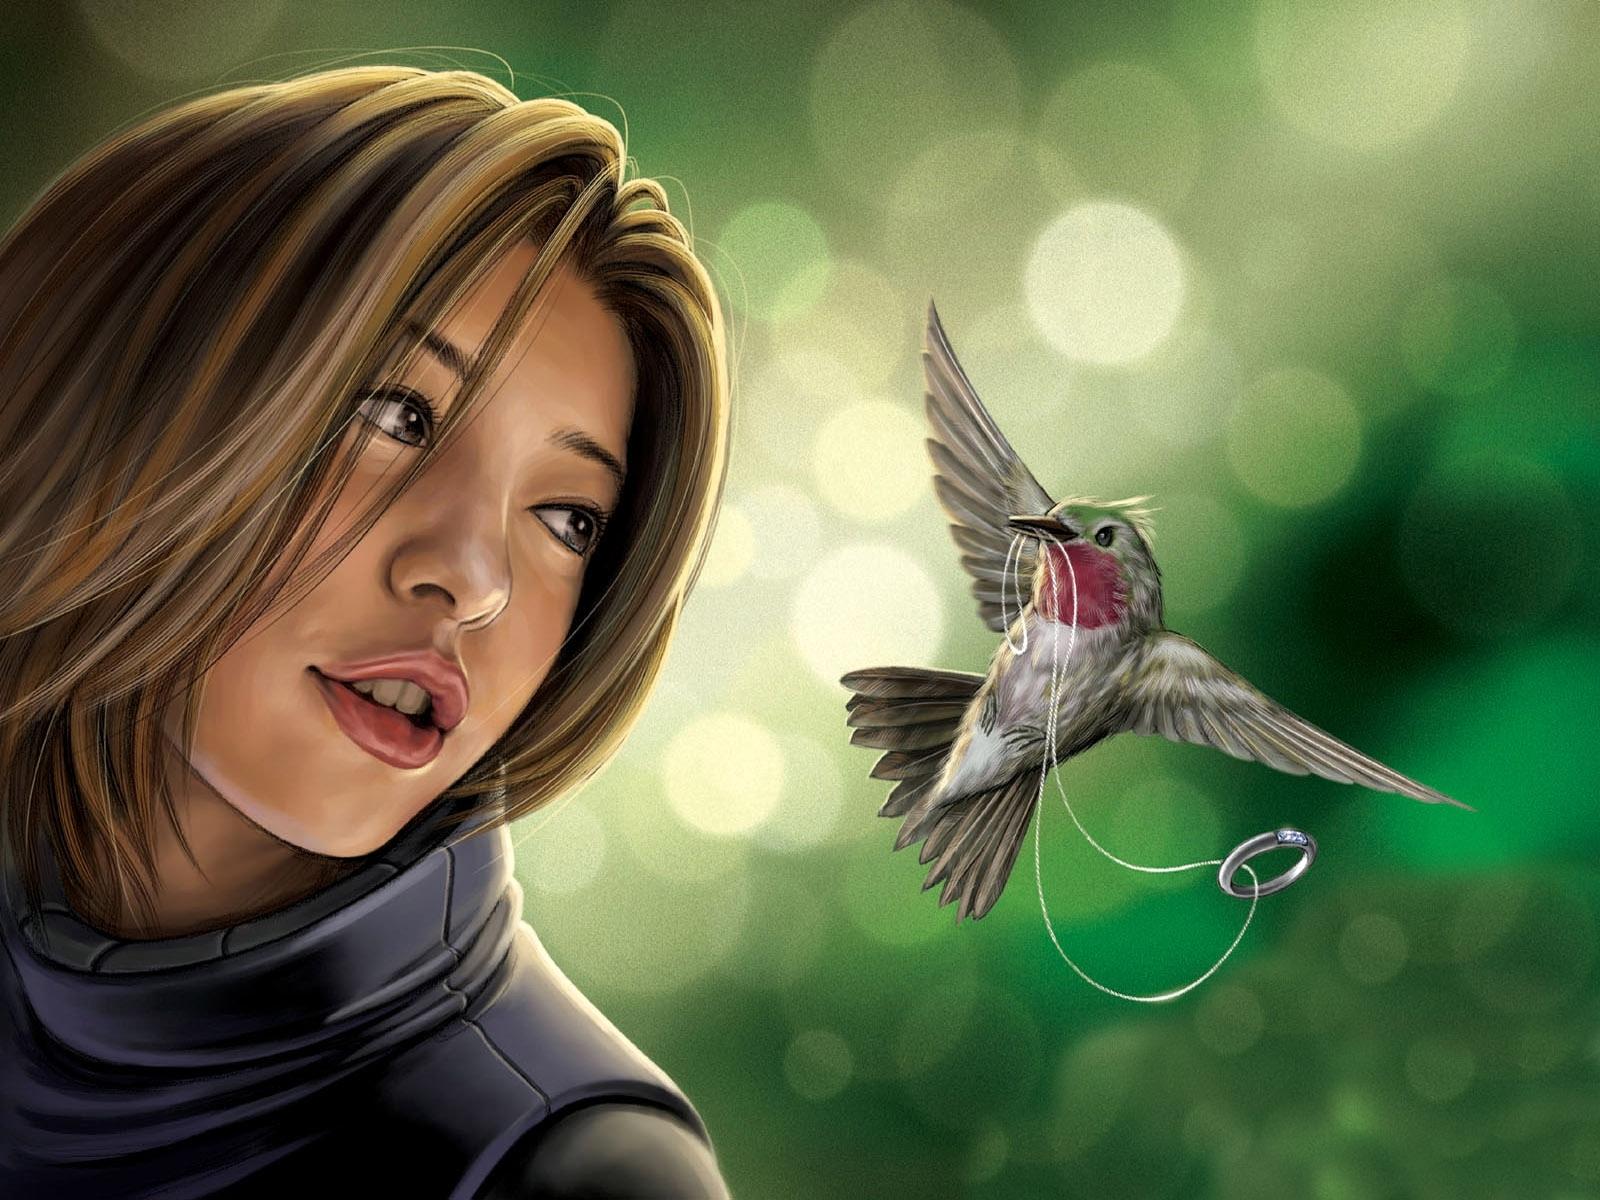 Descarga gratuita de fondo de pantalla para móvil de Imágenes, Birds, Animales.